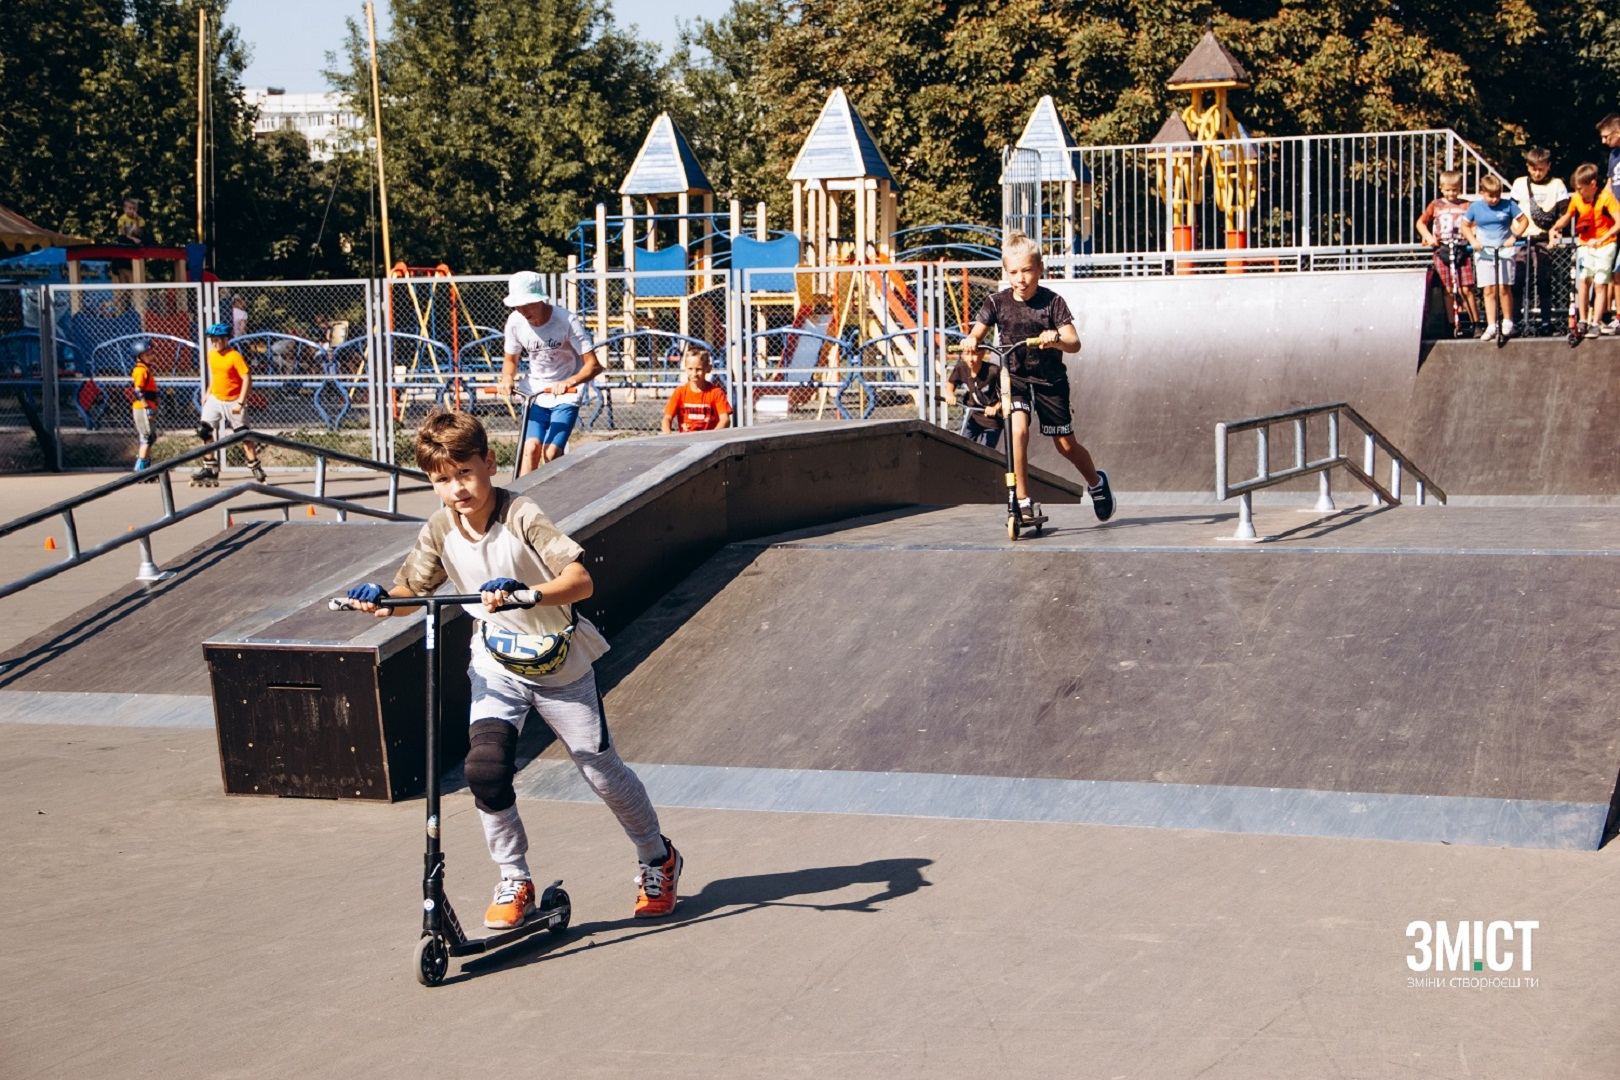 Скейтпарк у Полтаві – один із реалізованих проєктів-переможців міського «Бюджету участі 2018». Ілюстративне фото